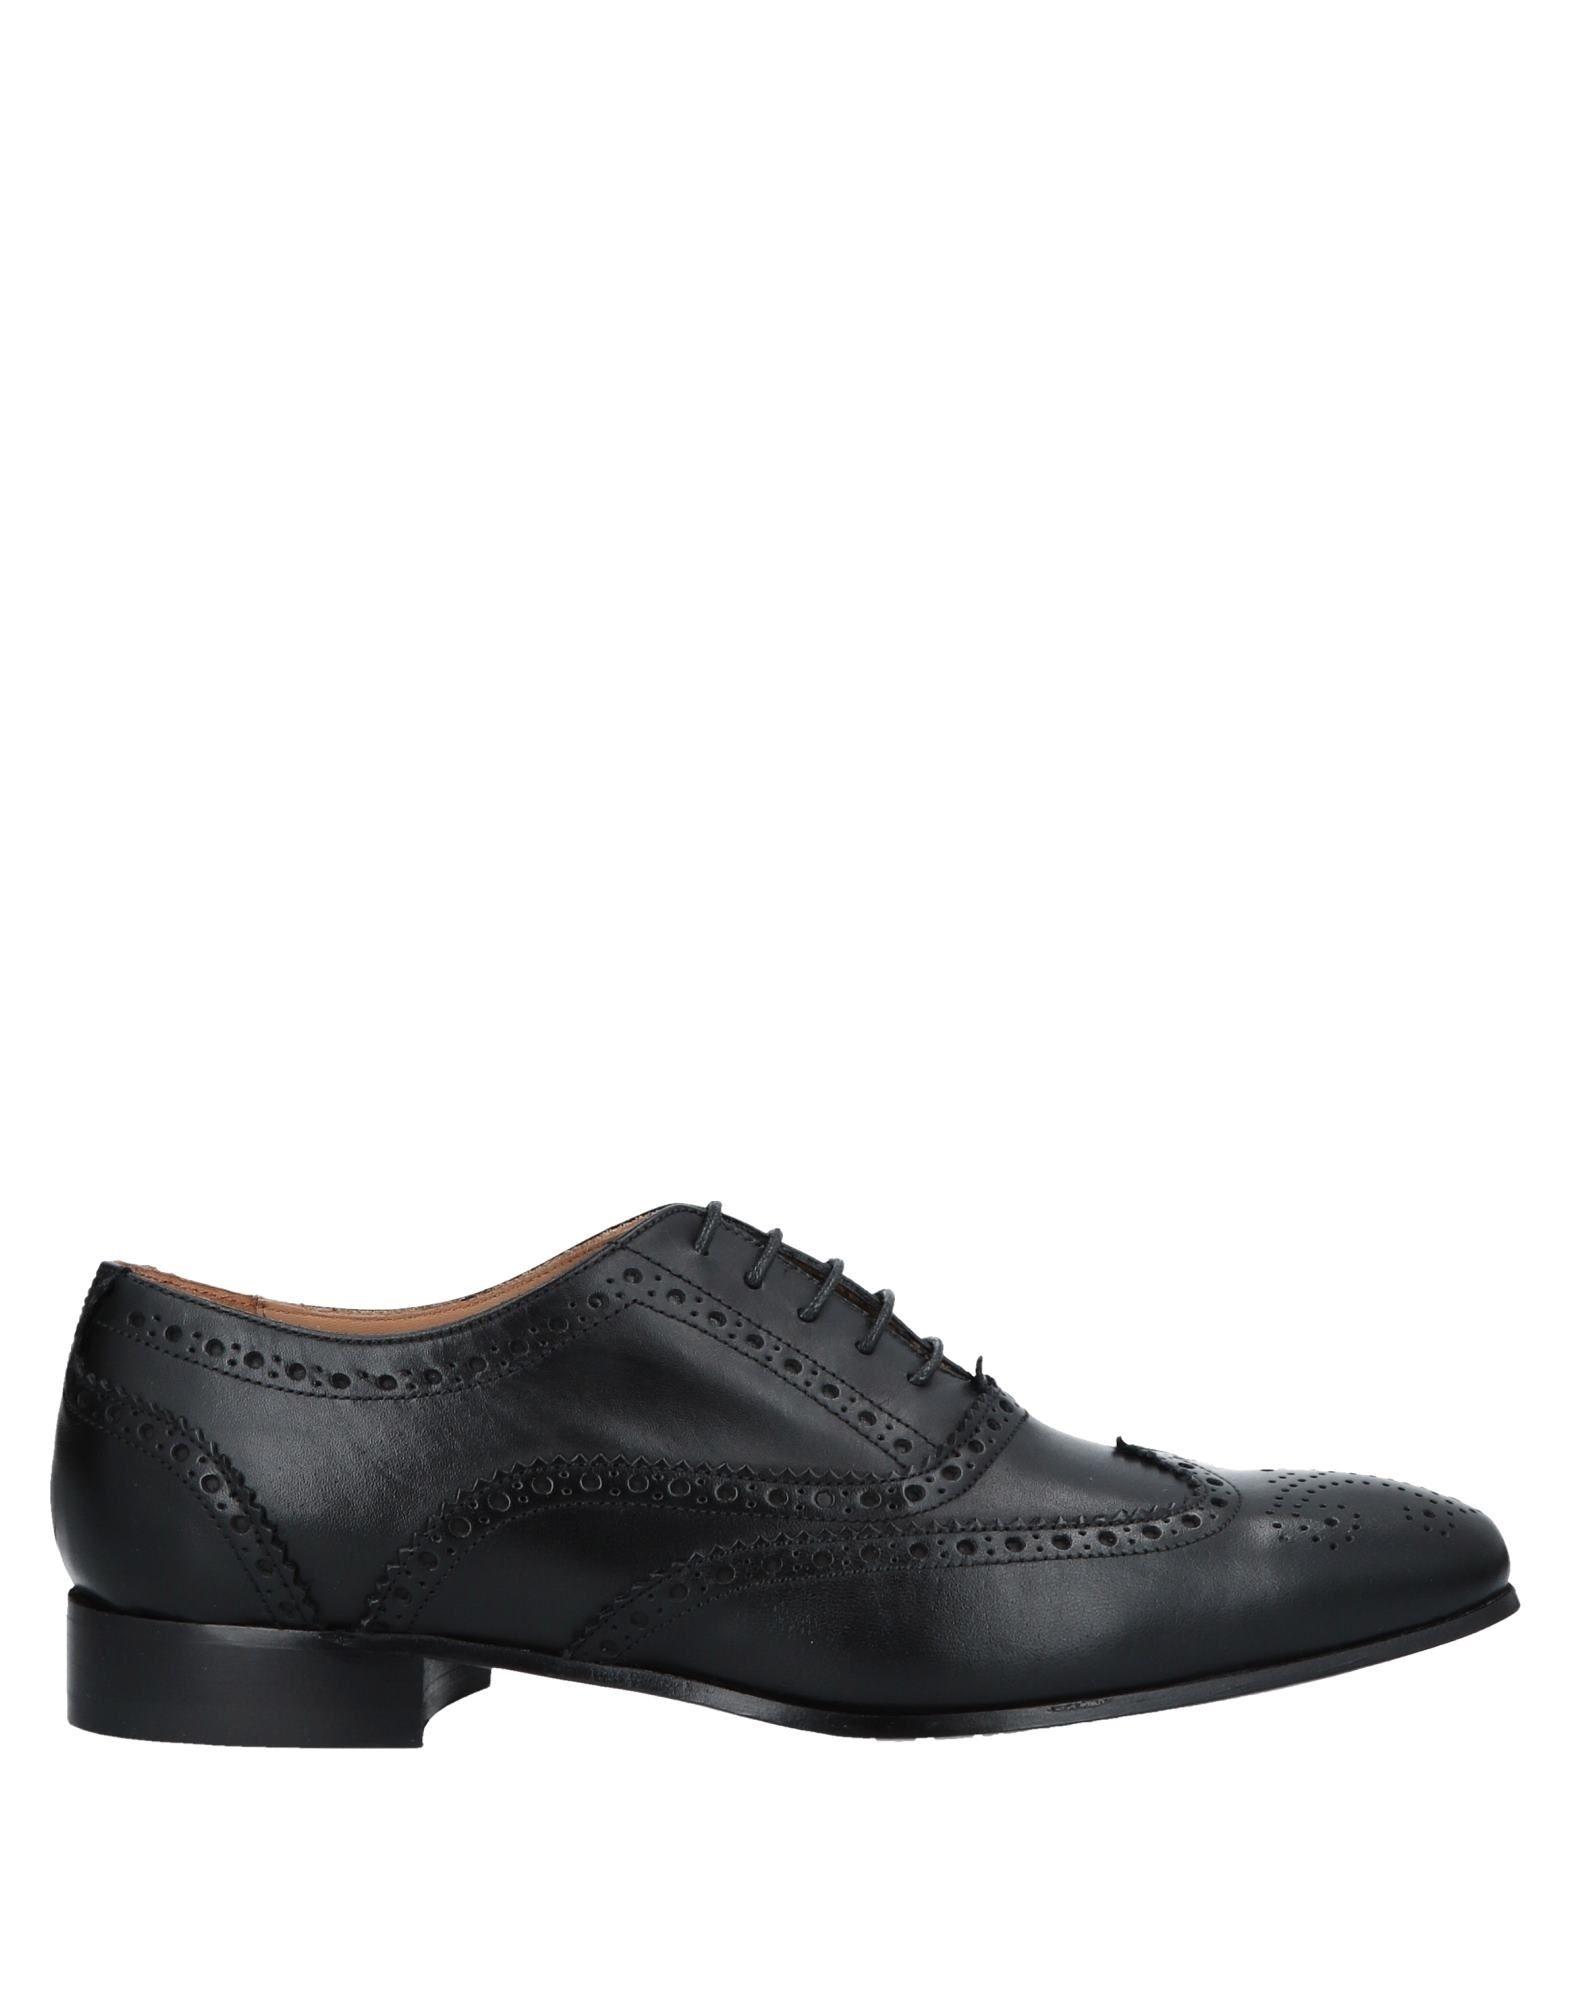 CANTARELLI Обувь на шнурках первый внутри обувь обувь обувь обувь обувь обувь обувь обувь обувь 8a2549 мужская армия green 40 метров